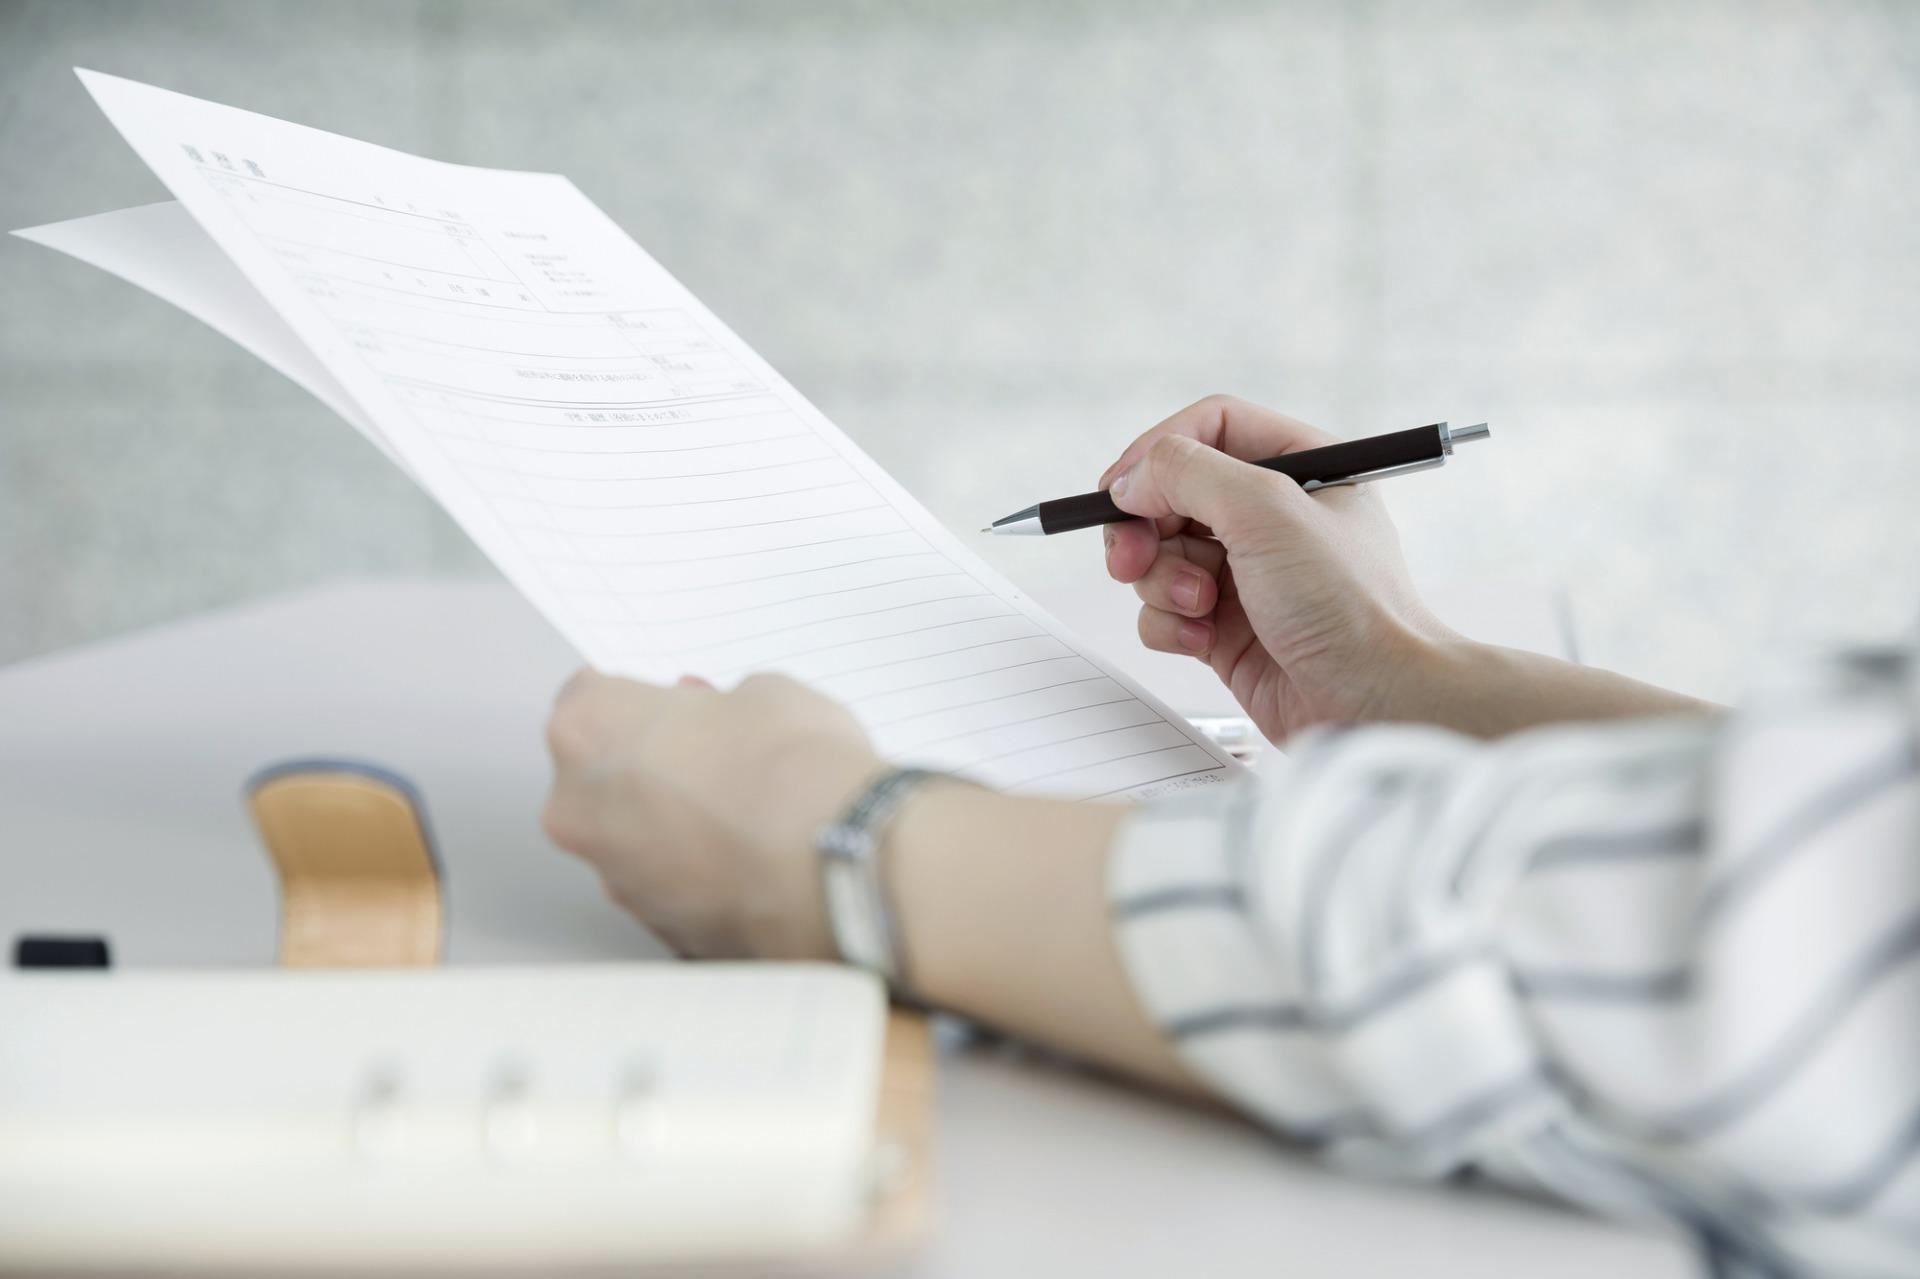 官公庁・地方自治体向け、各種届書の確認および運用